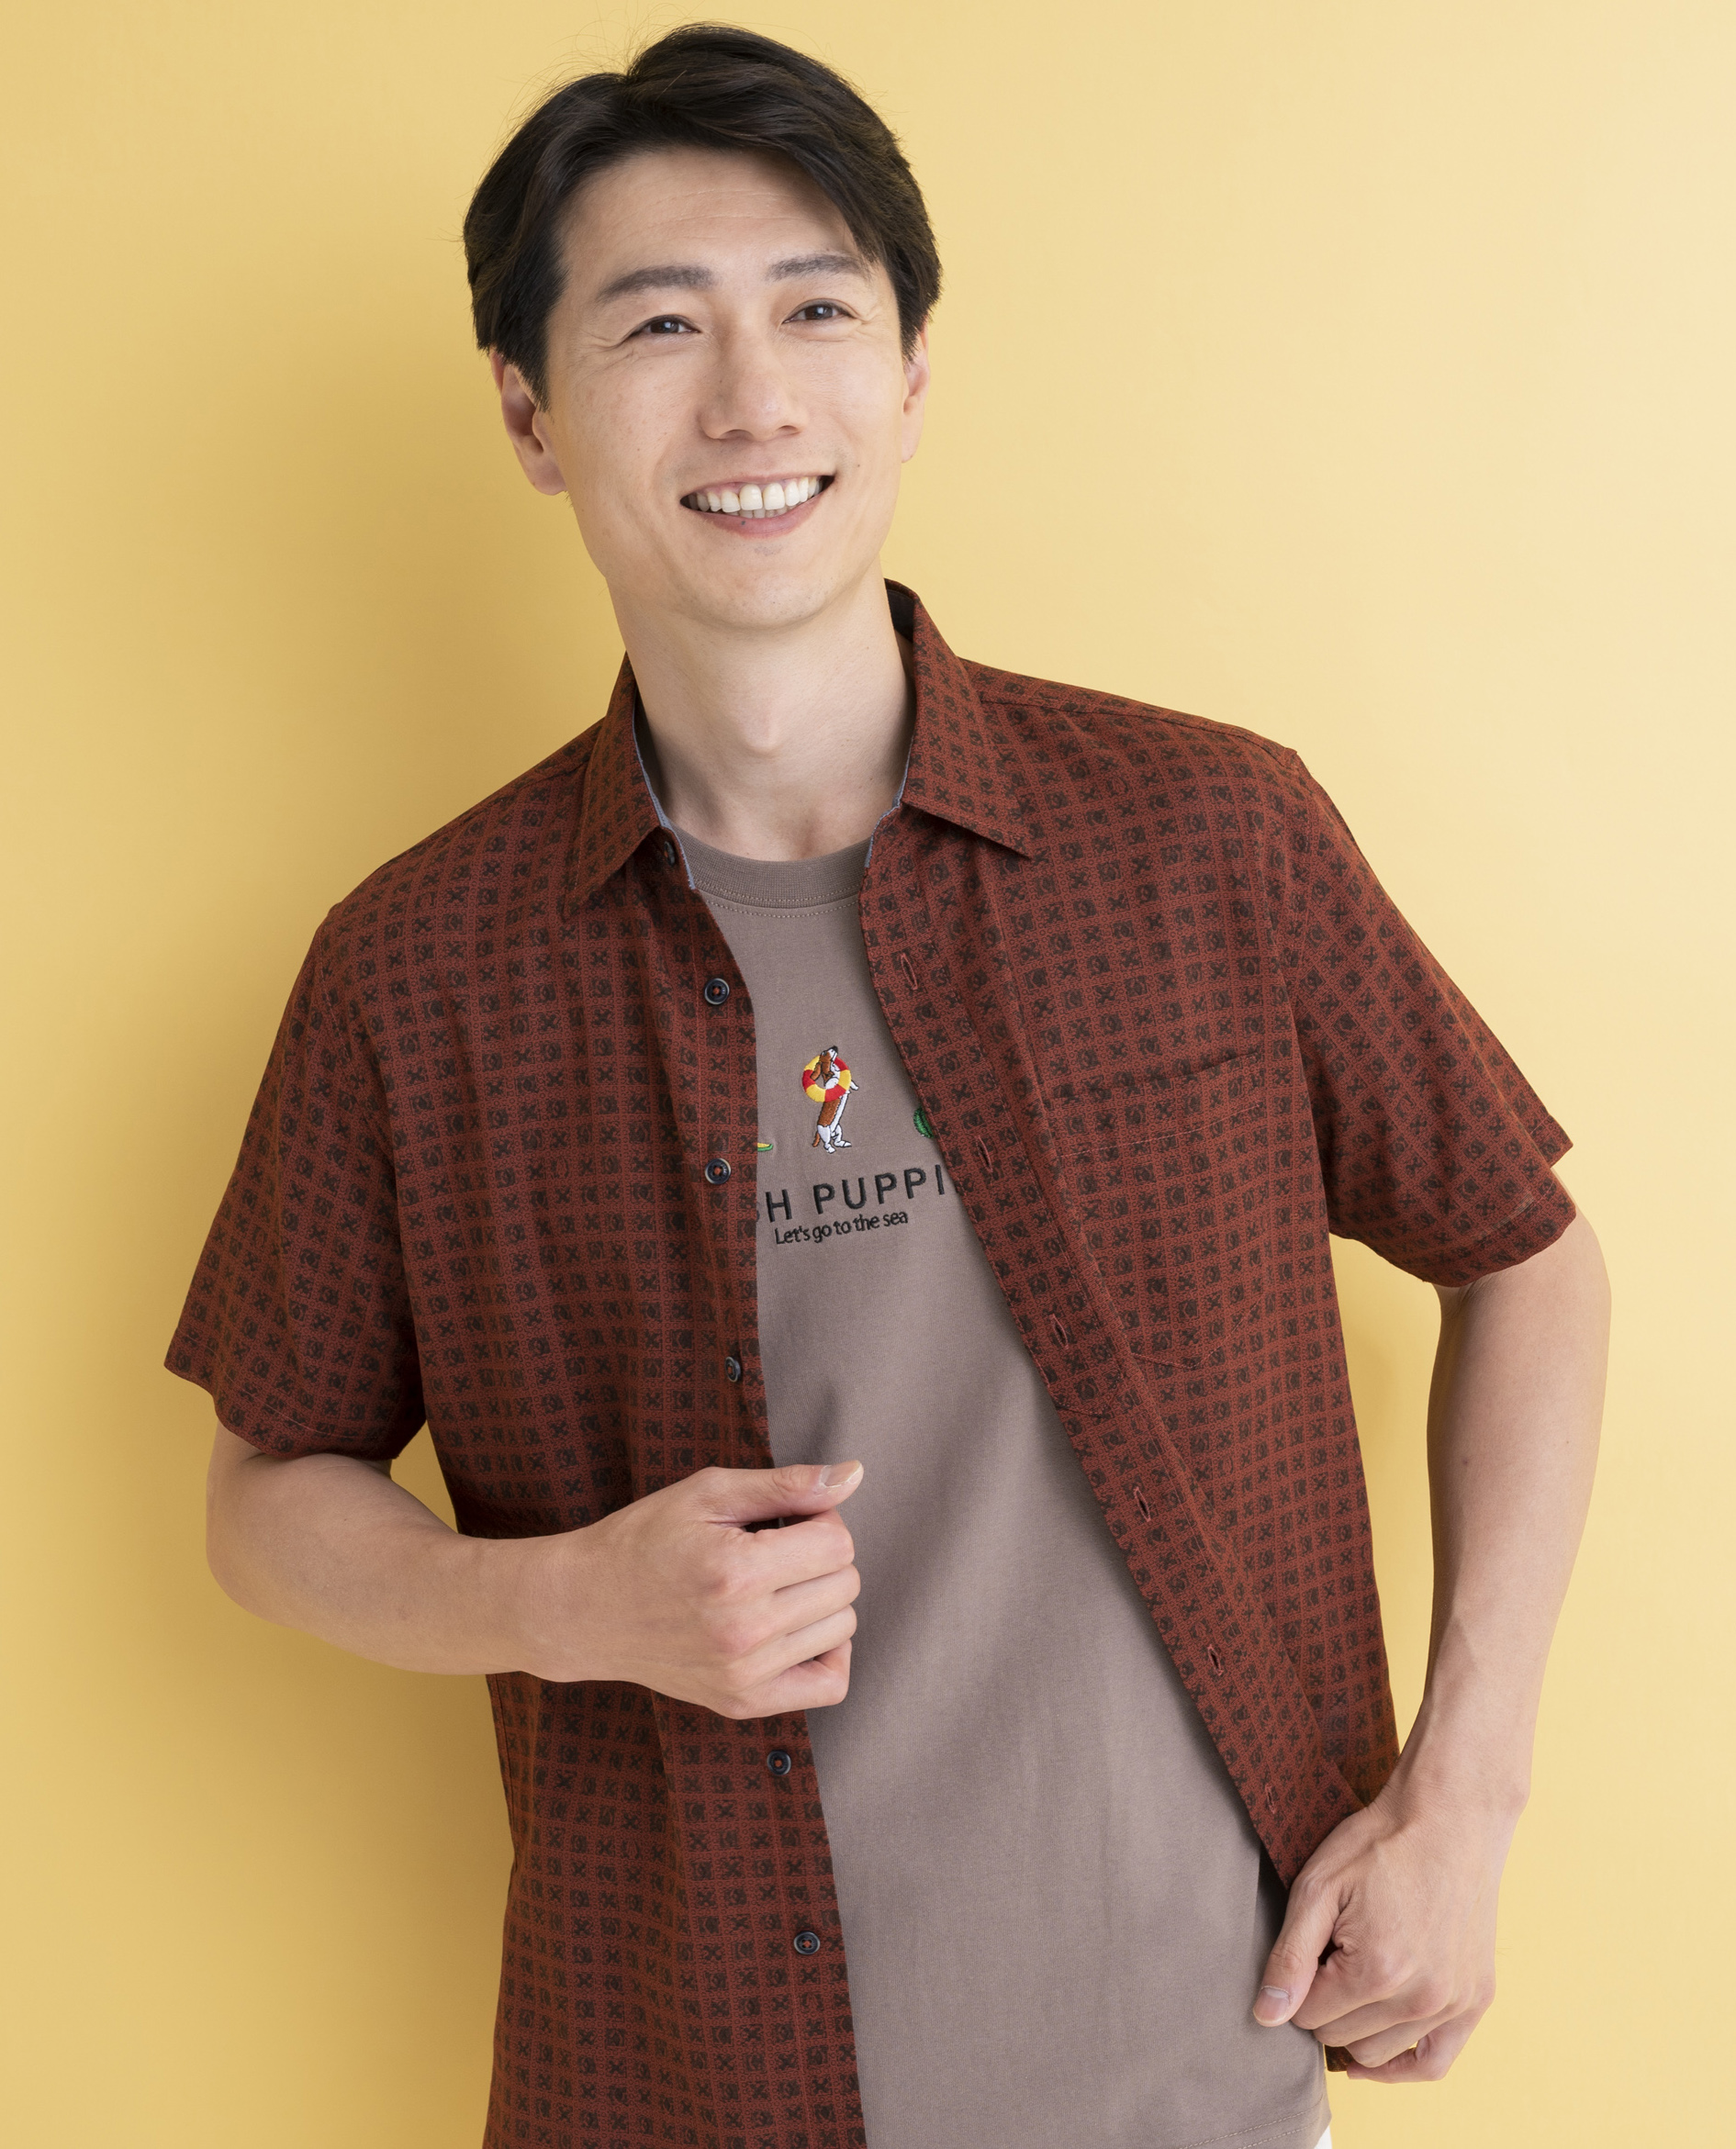 【JAPANFABRIC】パナマボイルプリントフェイクプルシャツ